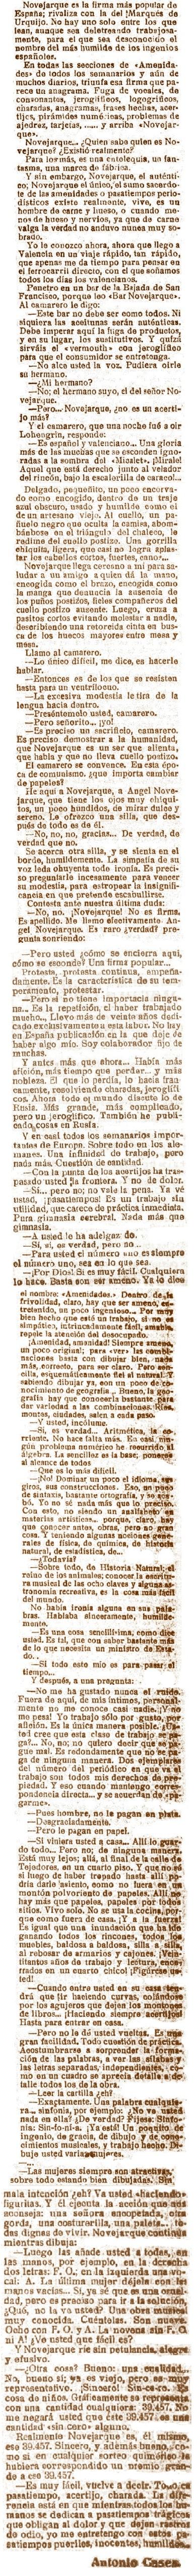 Artículo de Antonio Cases en 1920, Novejarque es un acertijo más